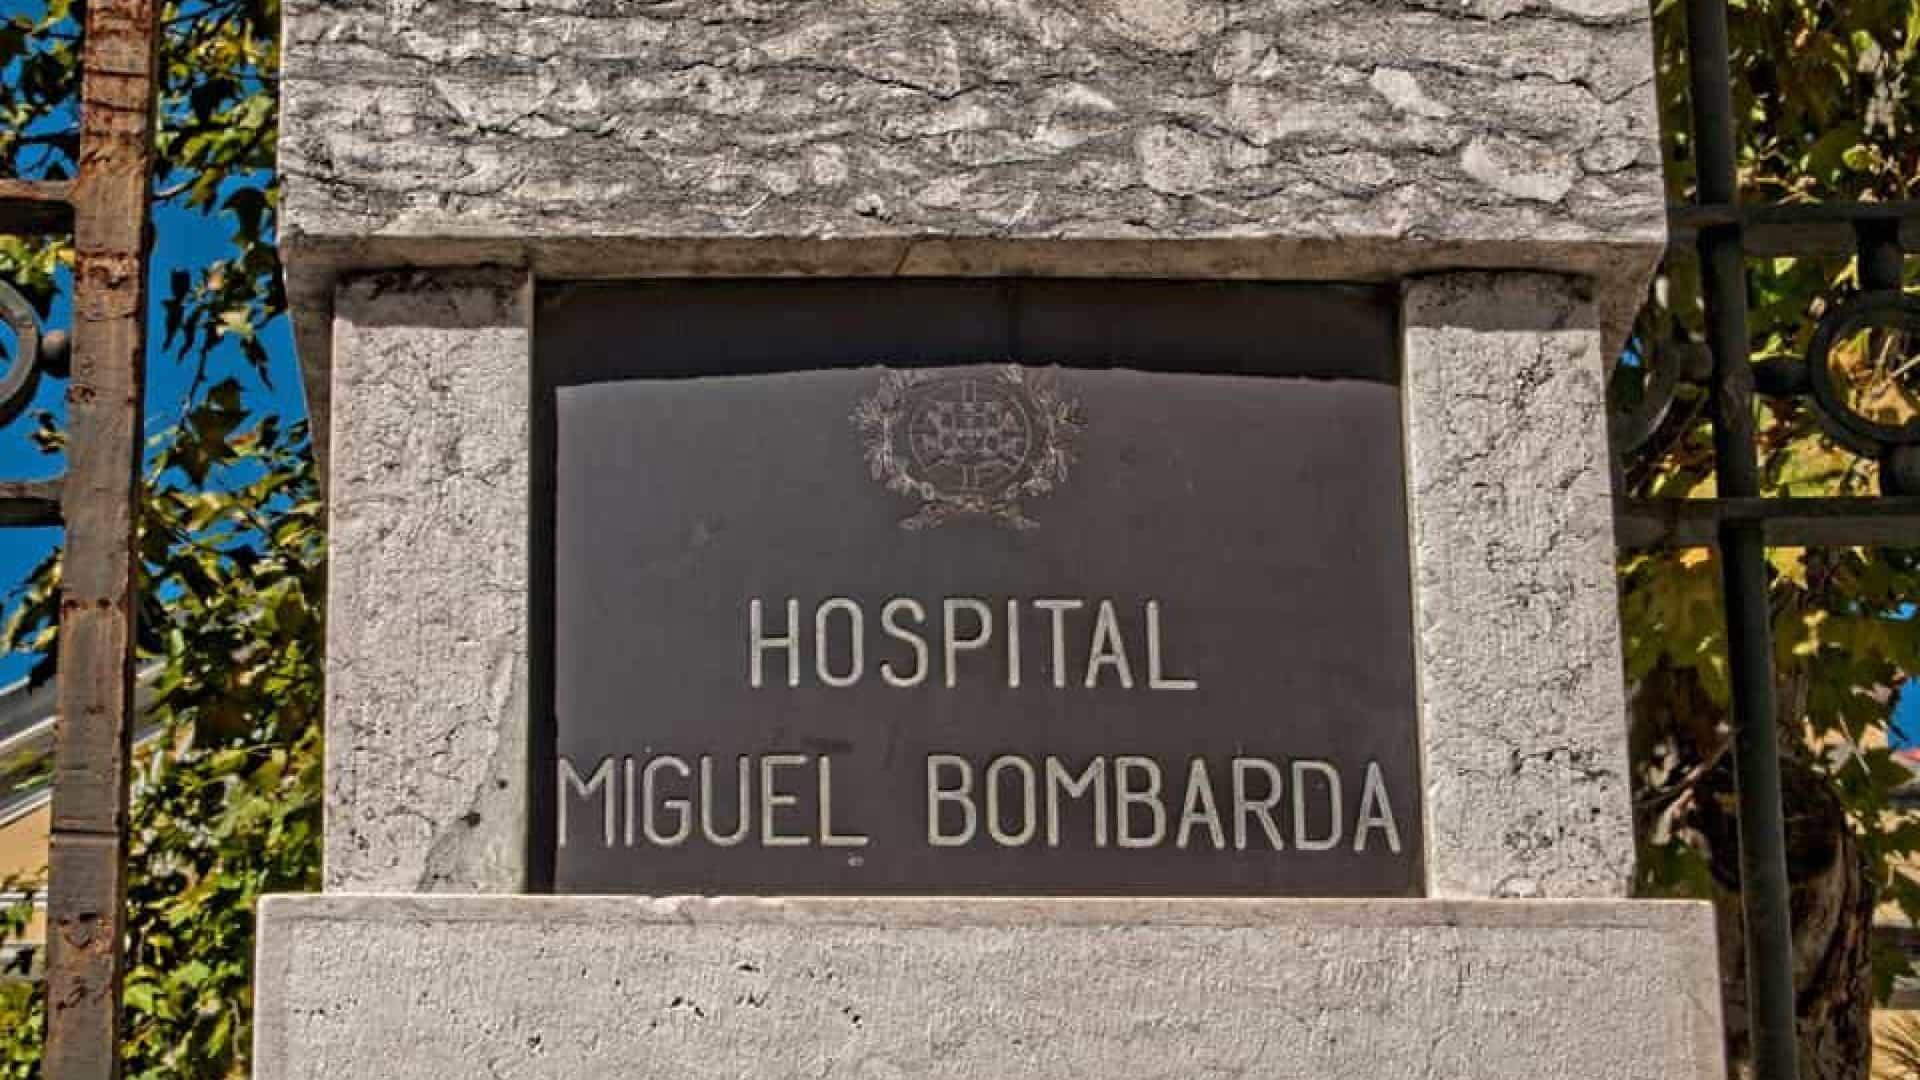 Hospital Miguel Bombarda